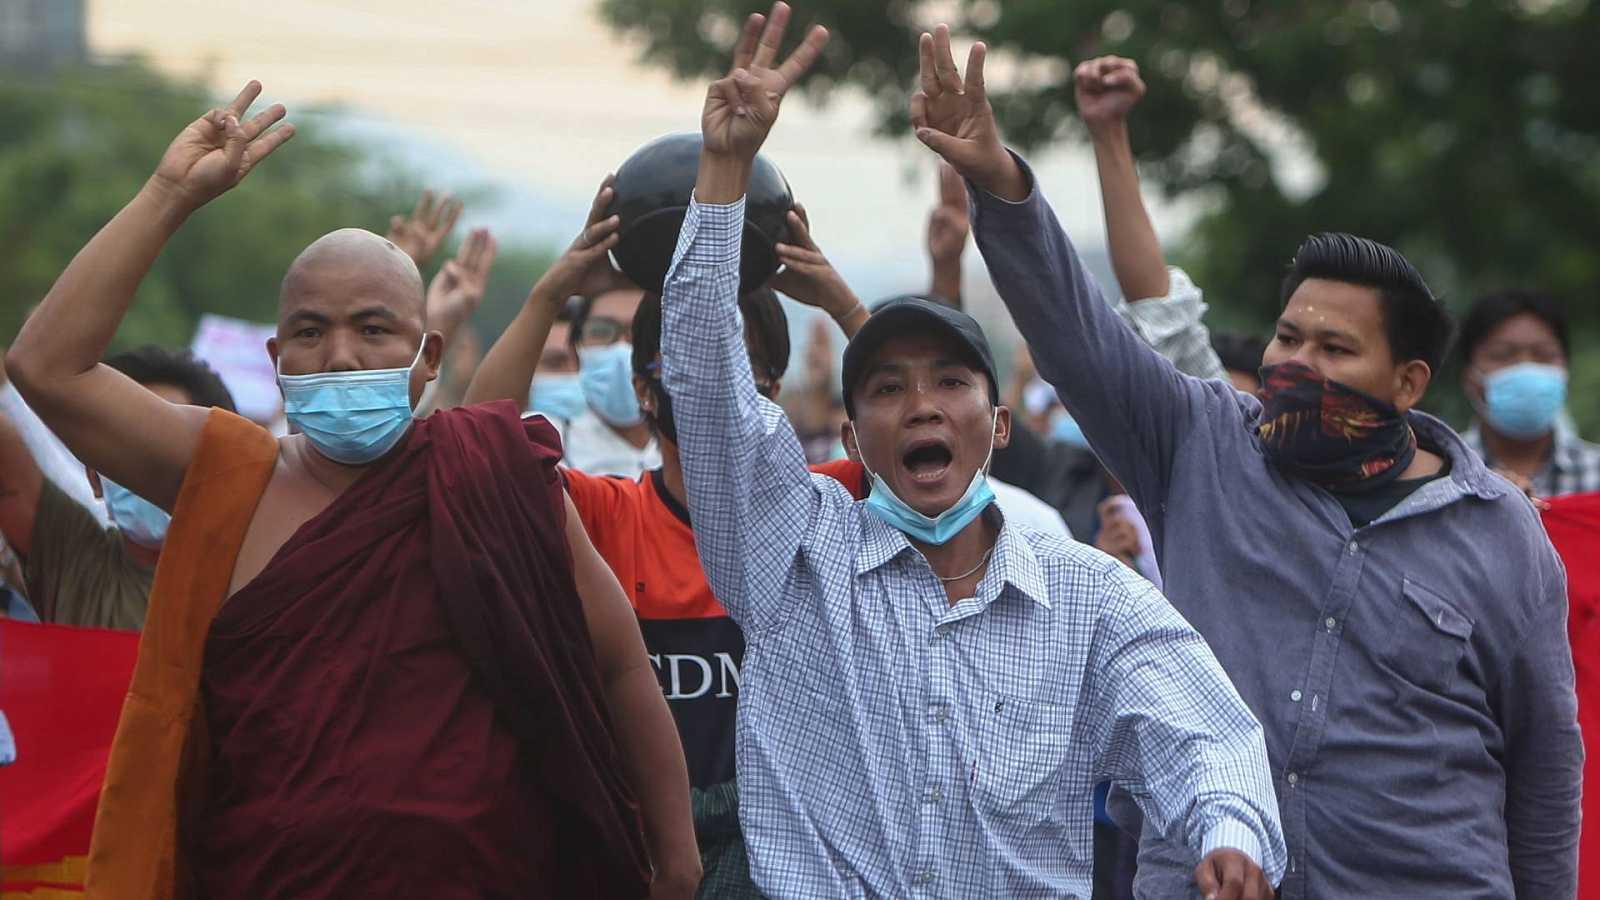 Reportajes 5 continentes - El peso de las minorías tras el golpe en Birmania - Escuchar ahora